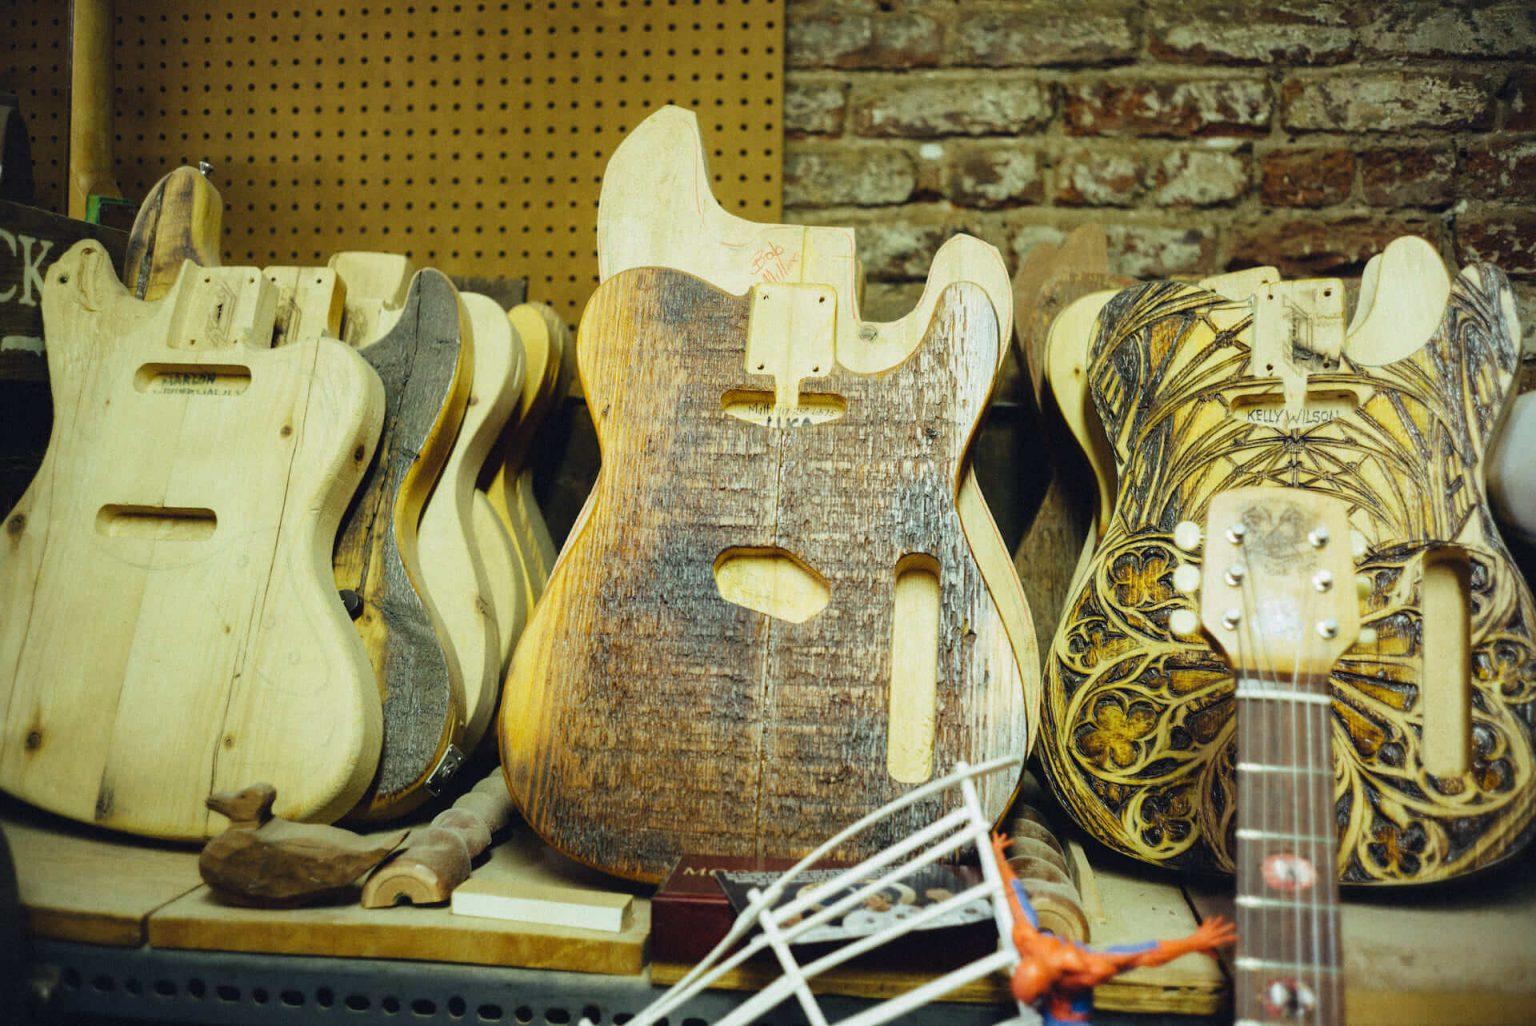 7_3920_AT_CarmineStreetGuitars-1440x962 歴史が染みついた建築物でギターを作る「Carmine Street Guitars」ギター職人の工房と、シティの限られた行き先